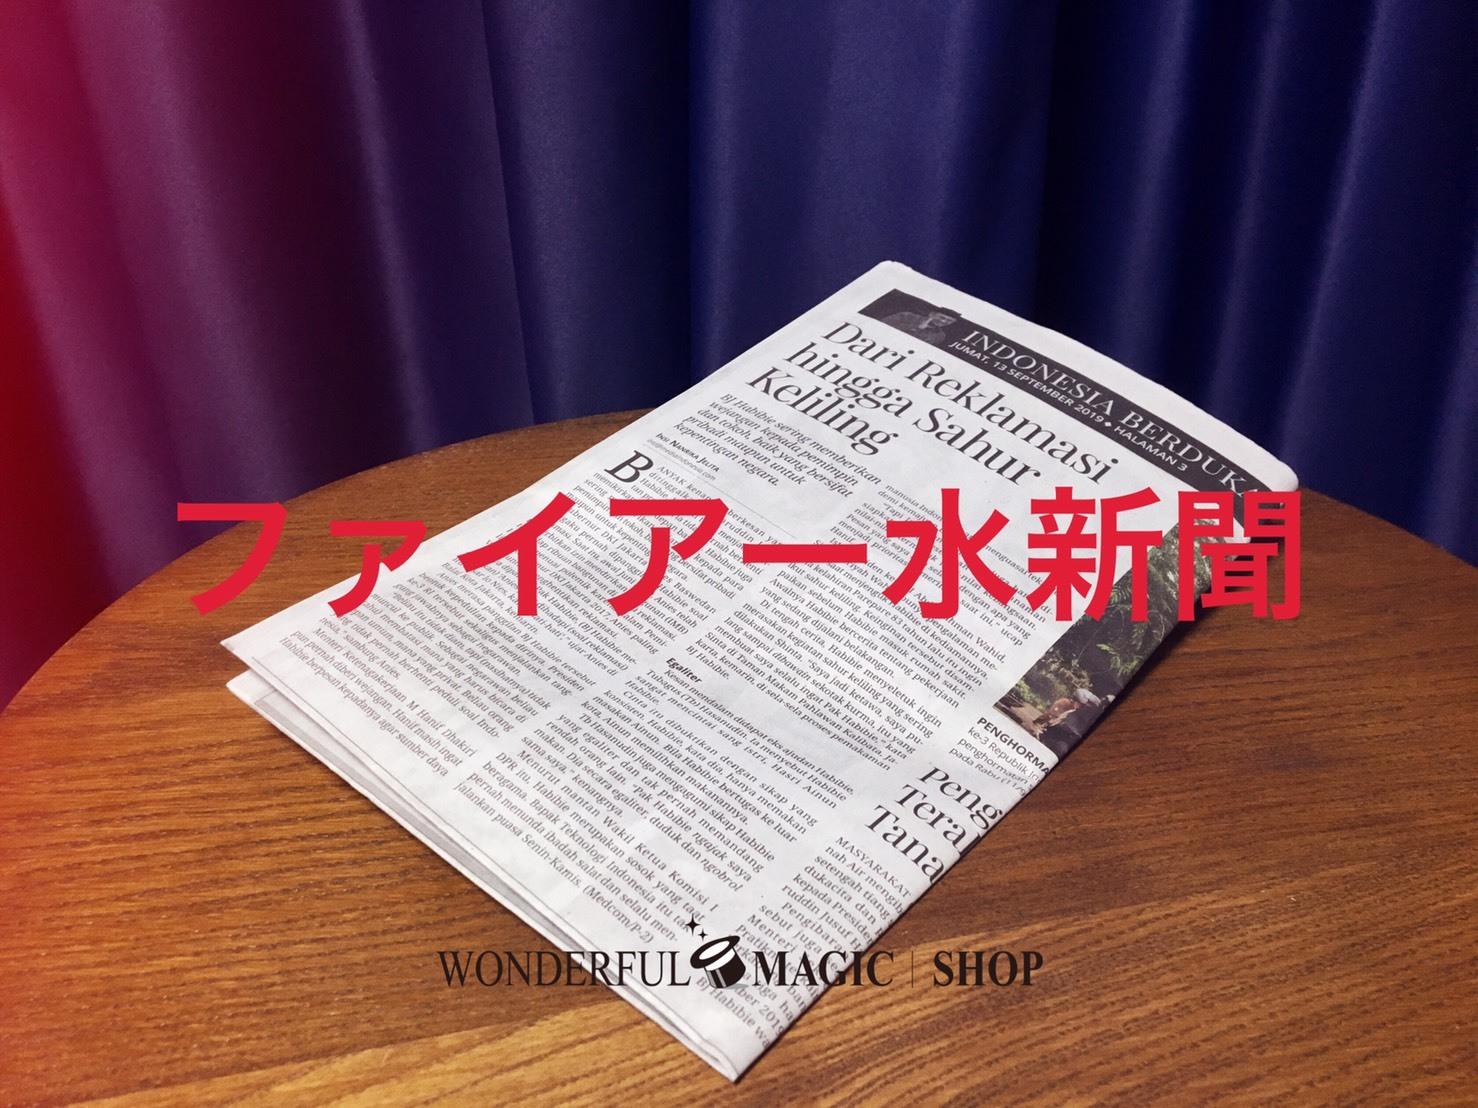 ファイアー水新聞 実用性抜群!プロフェッショナル水新聞